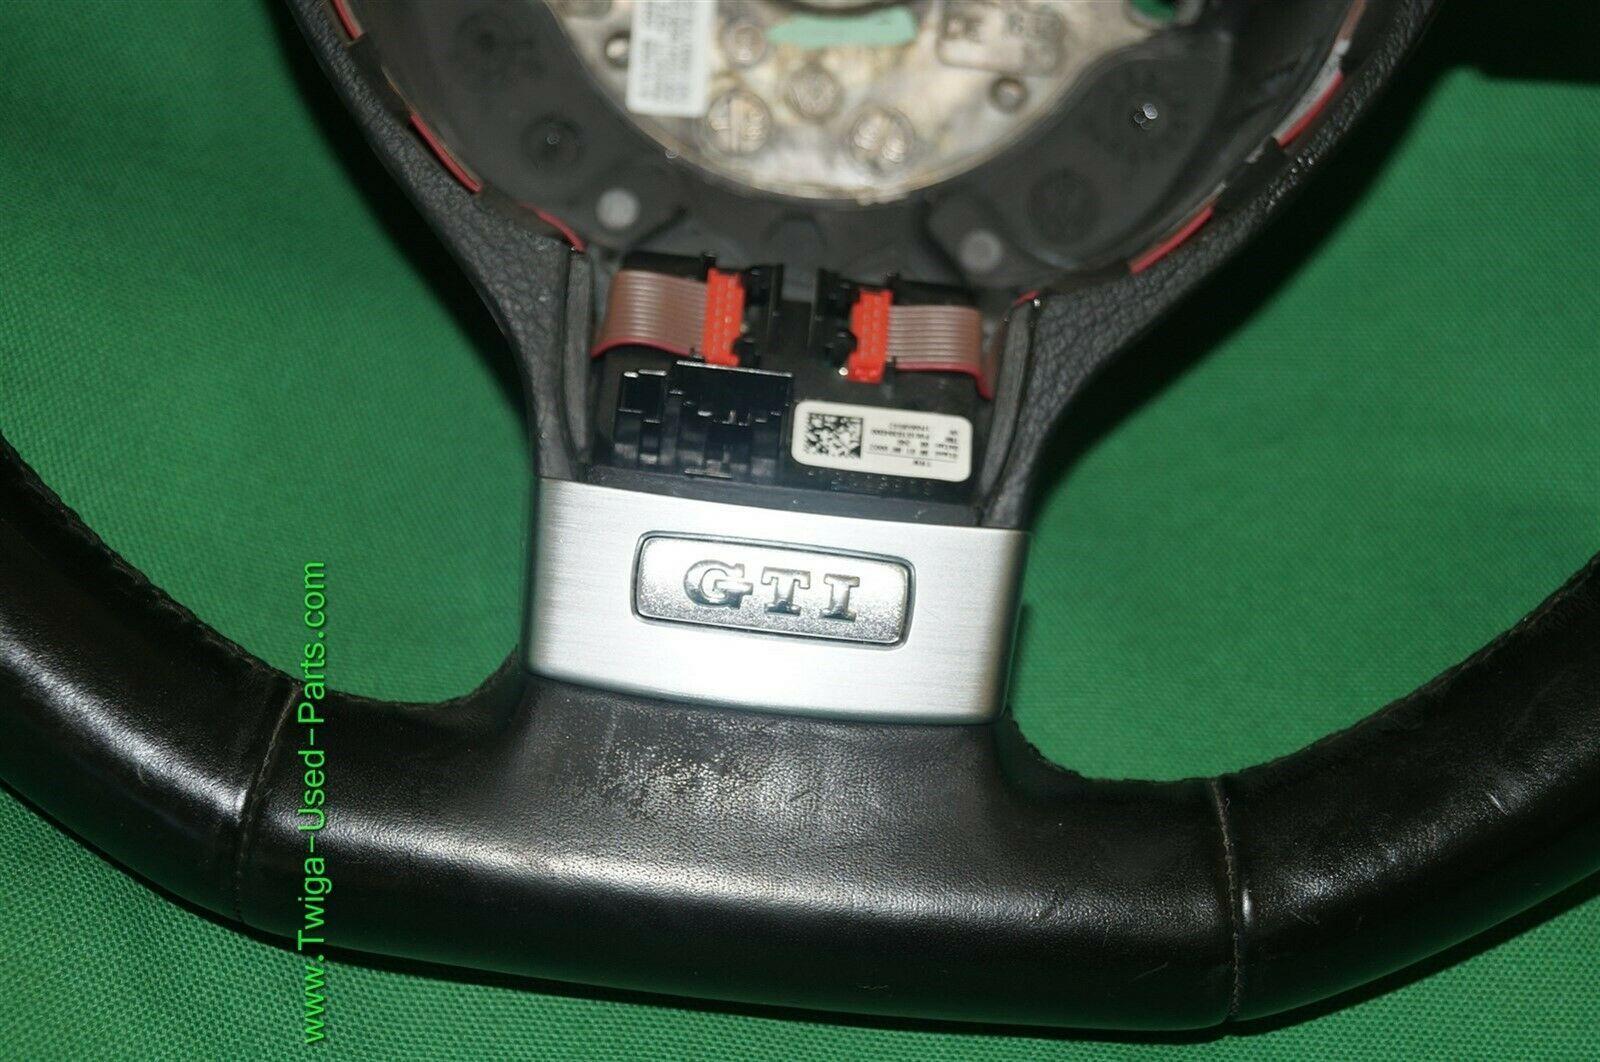 06-09 Volkswagen Rabbit GTi 3 Spoke Leather Steering Wheel w/ DSG Shift Paddles